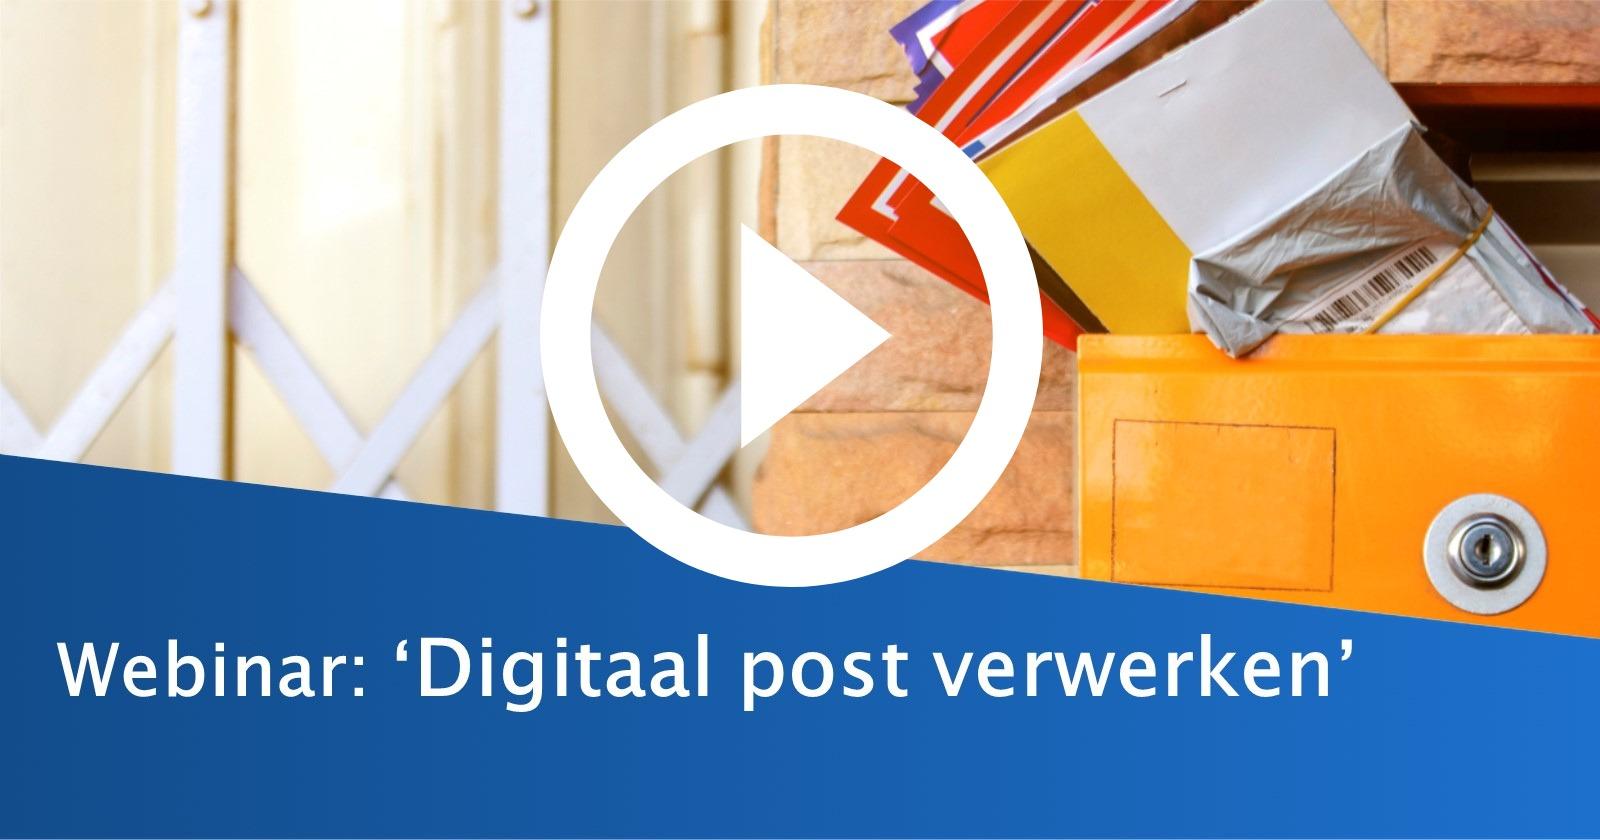 Fysieke post, snel digitaal verwerken? Kijk het webinar 1